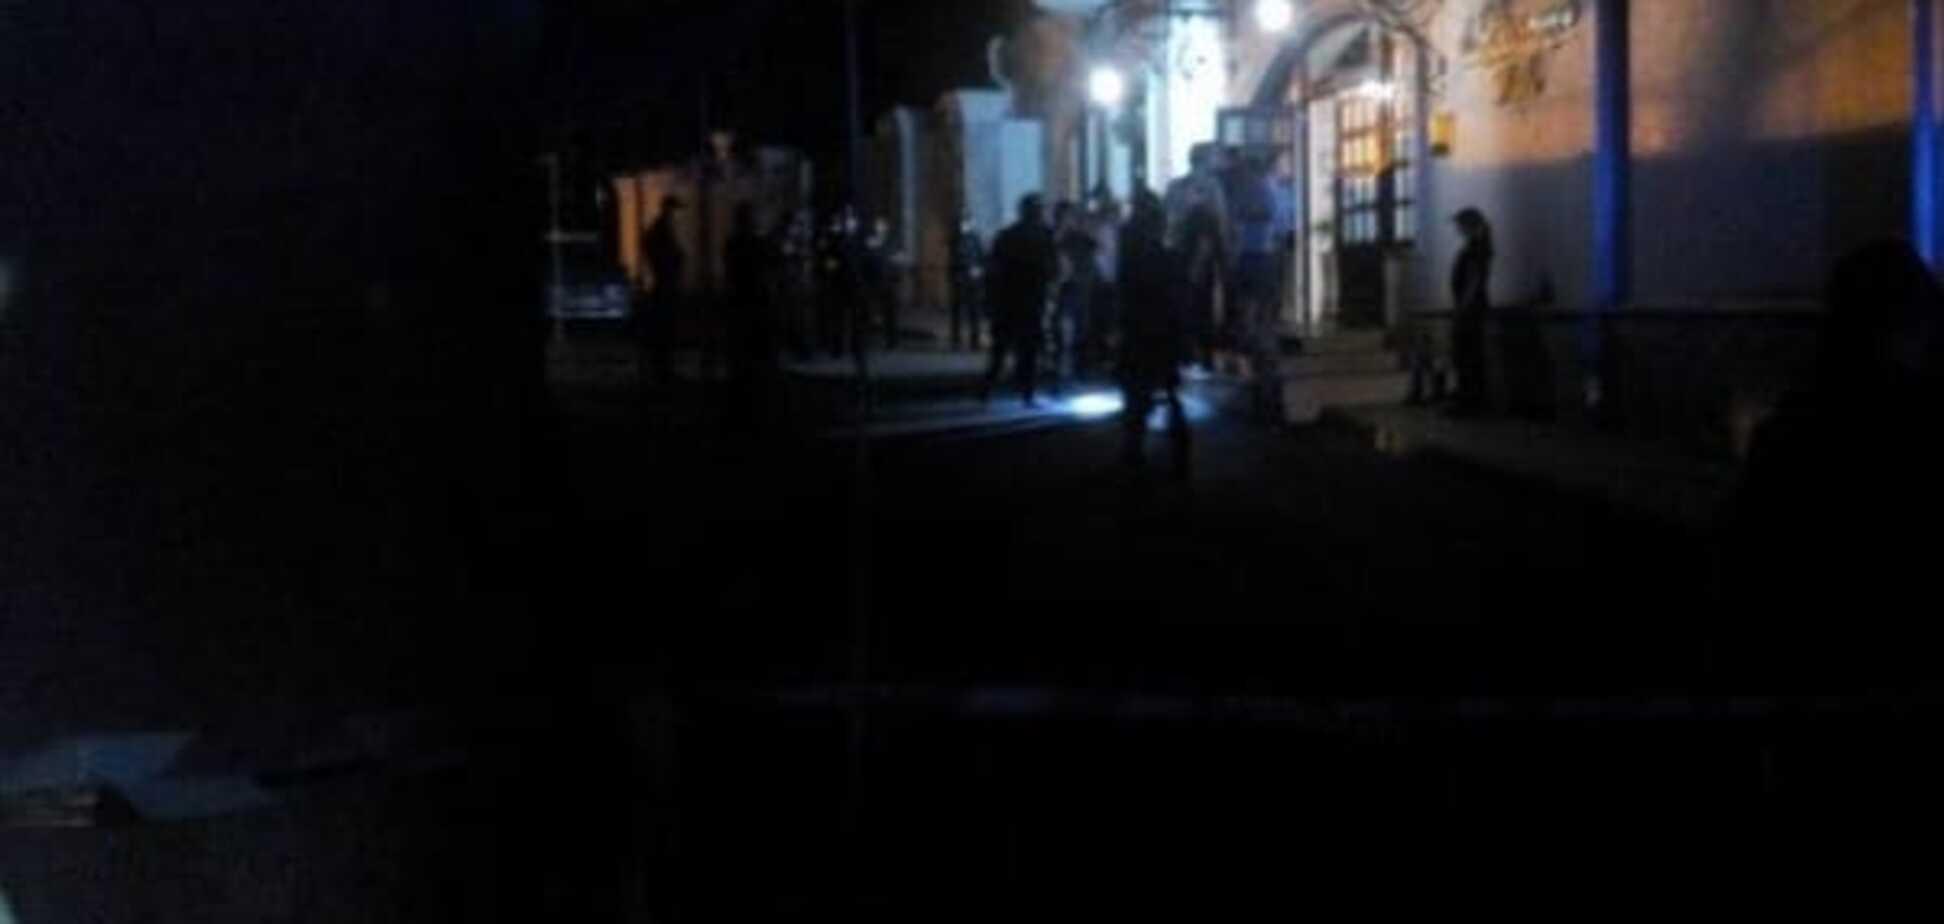 Захват отеля в Одессе: стали известны подробности происшествия. Опубликованы фото и видео